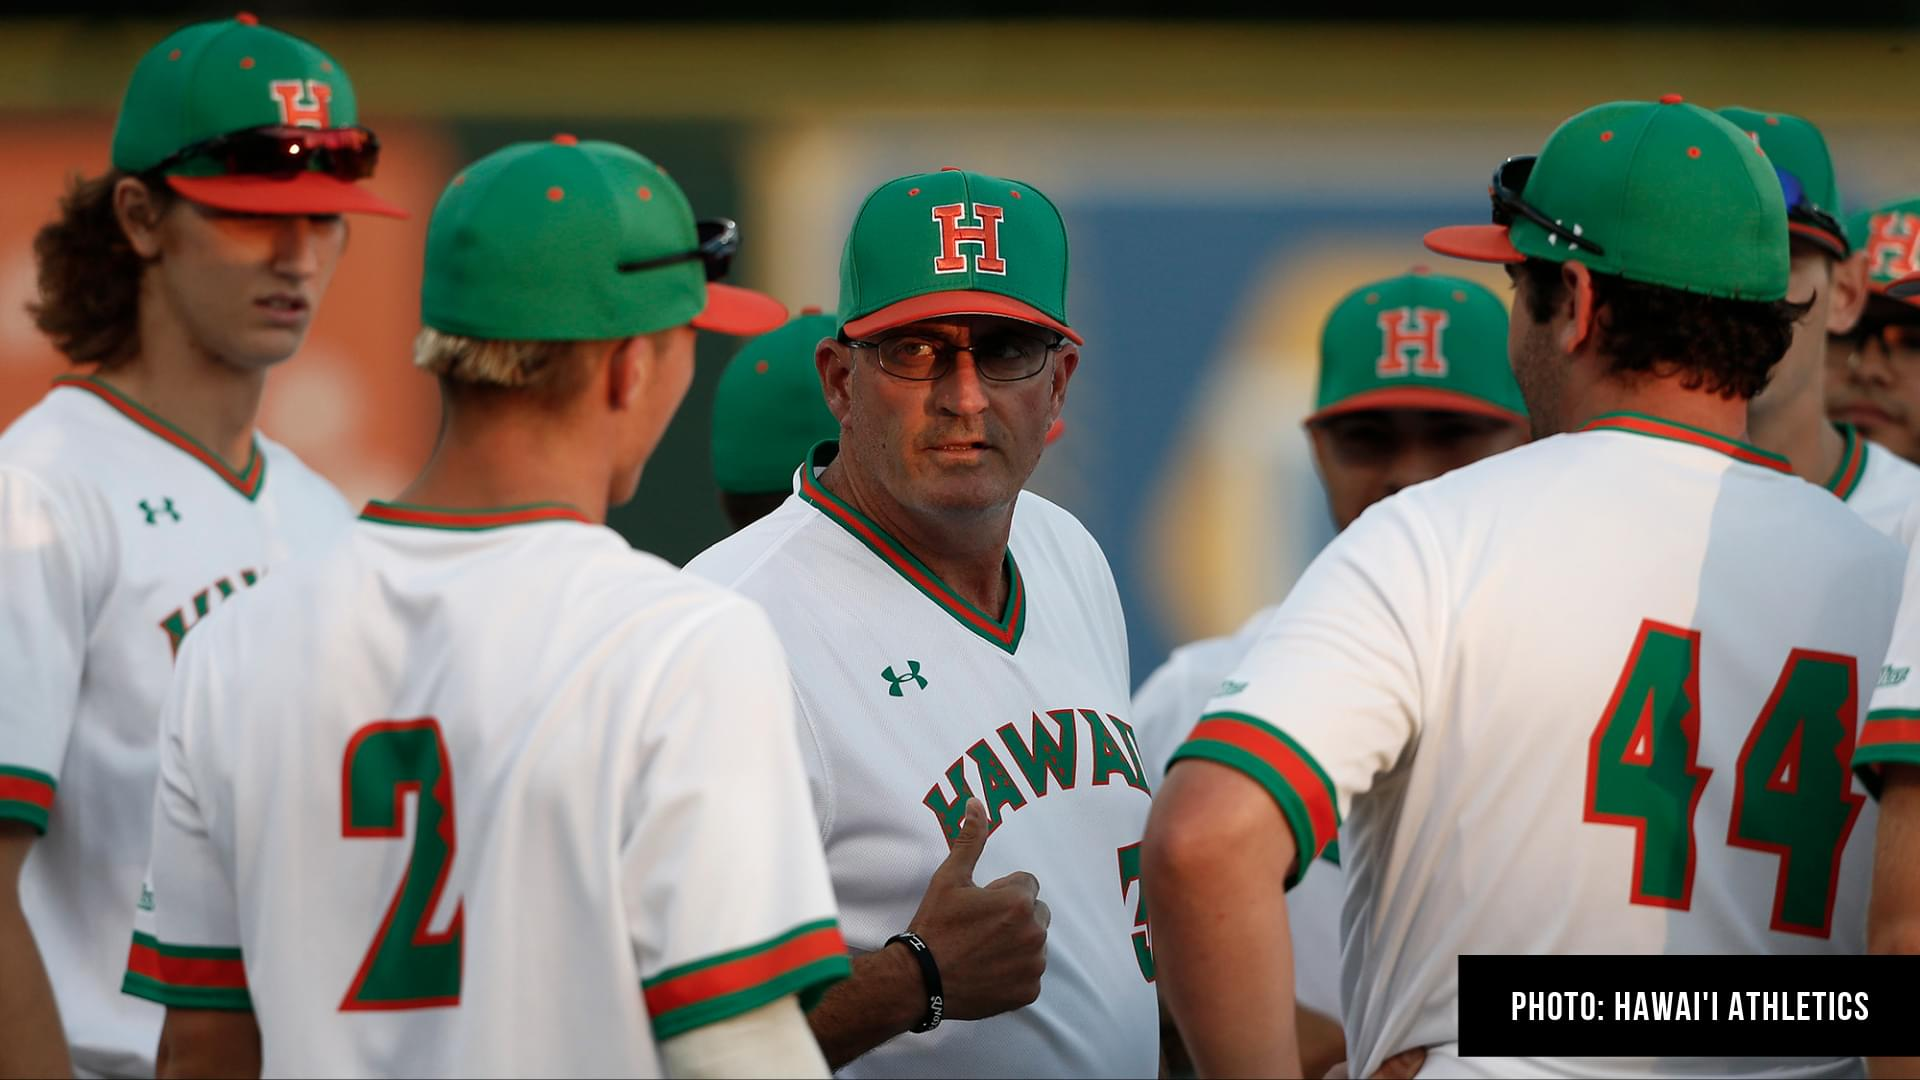 Coach's Profile: Mike Trapasso